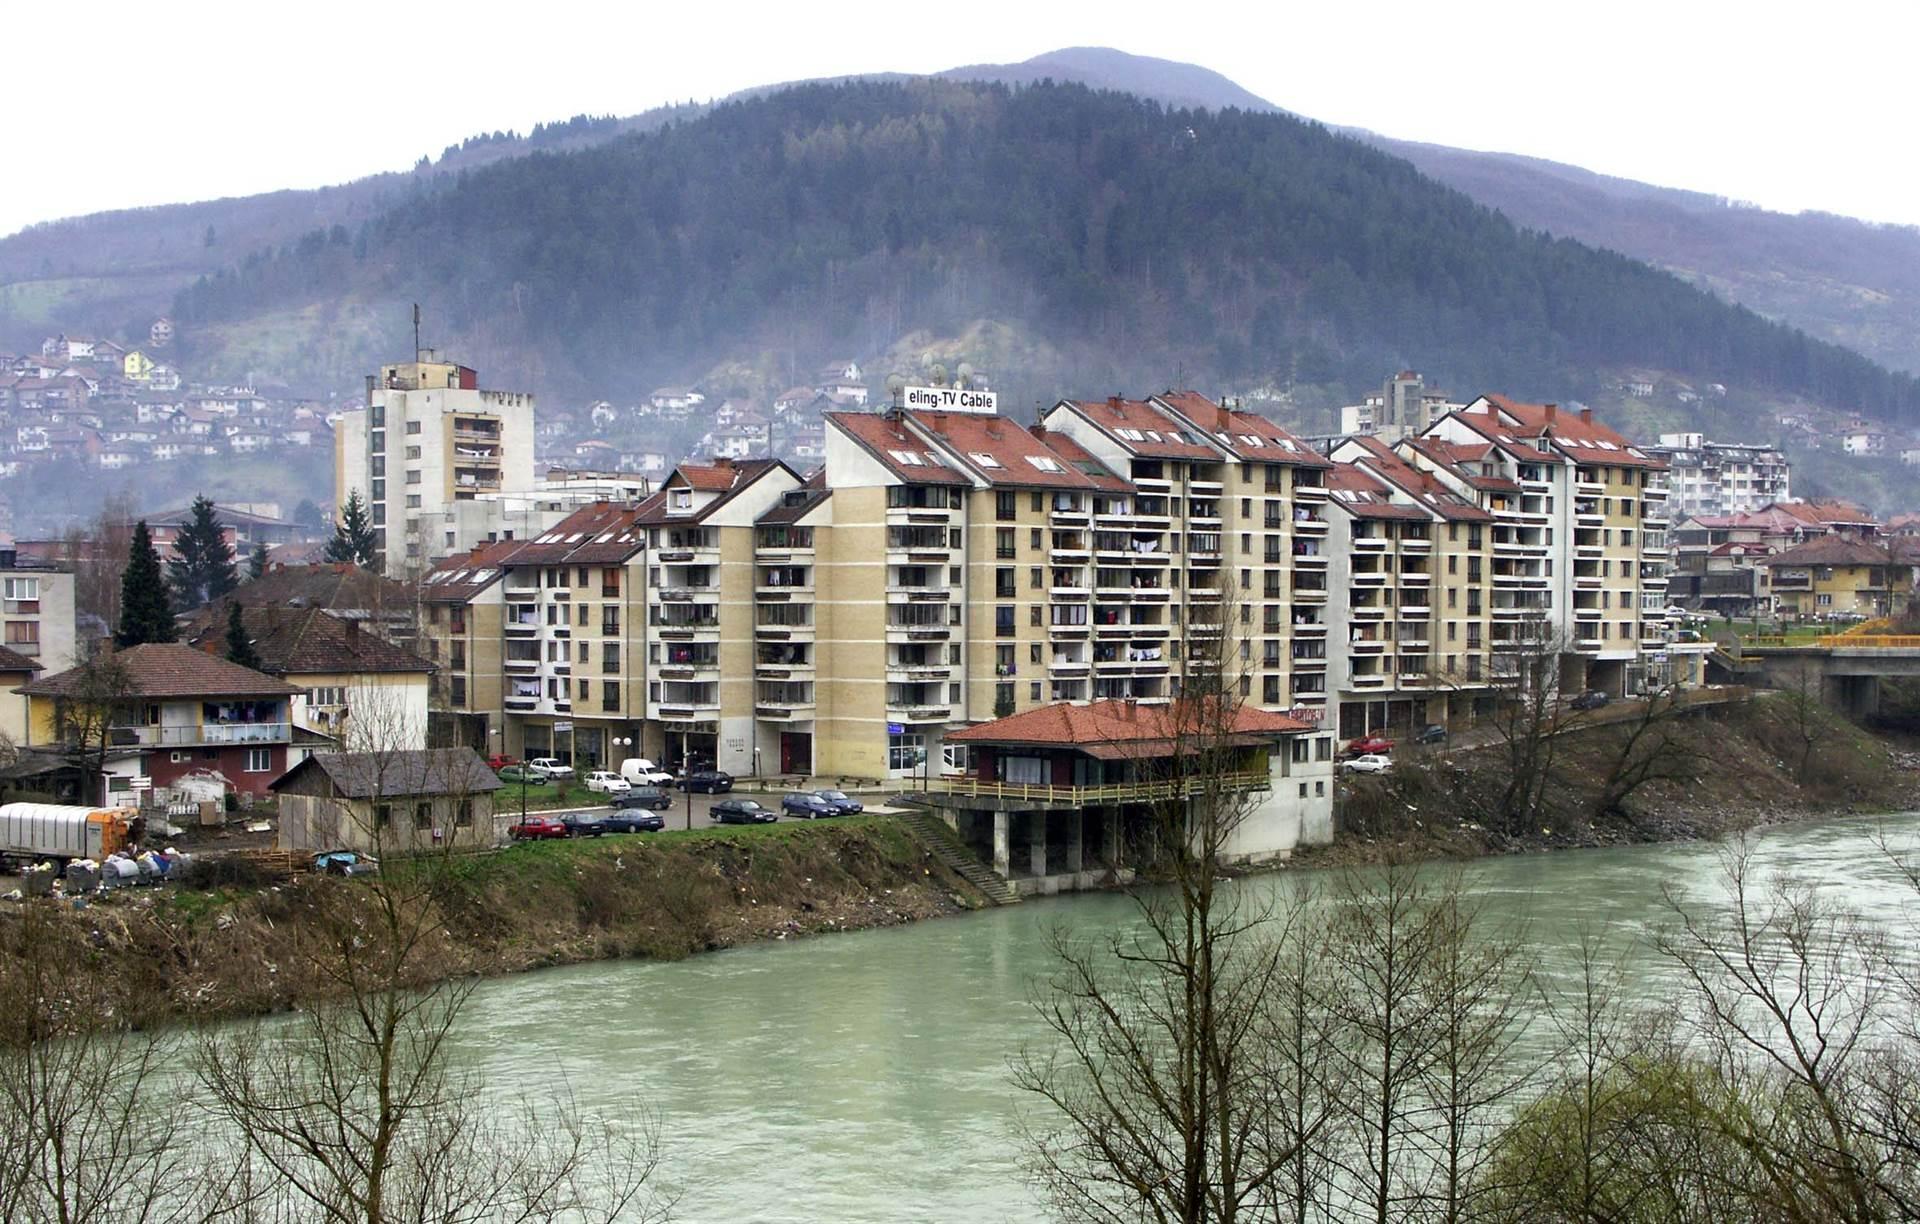 Bosnian Serb Ex-Soldiers Plead Innocent to Wartime Rape